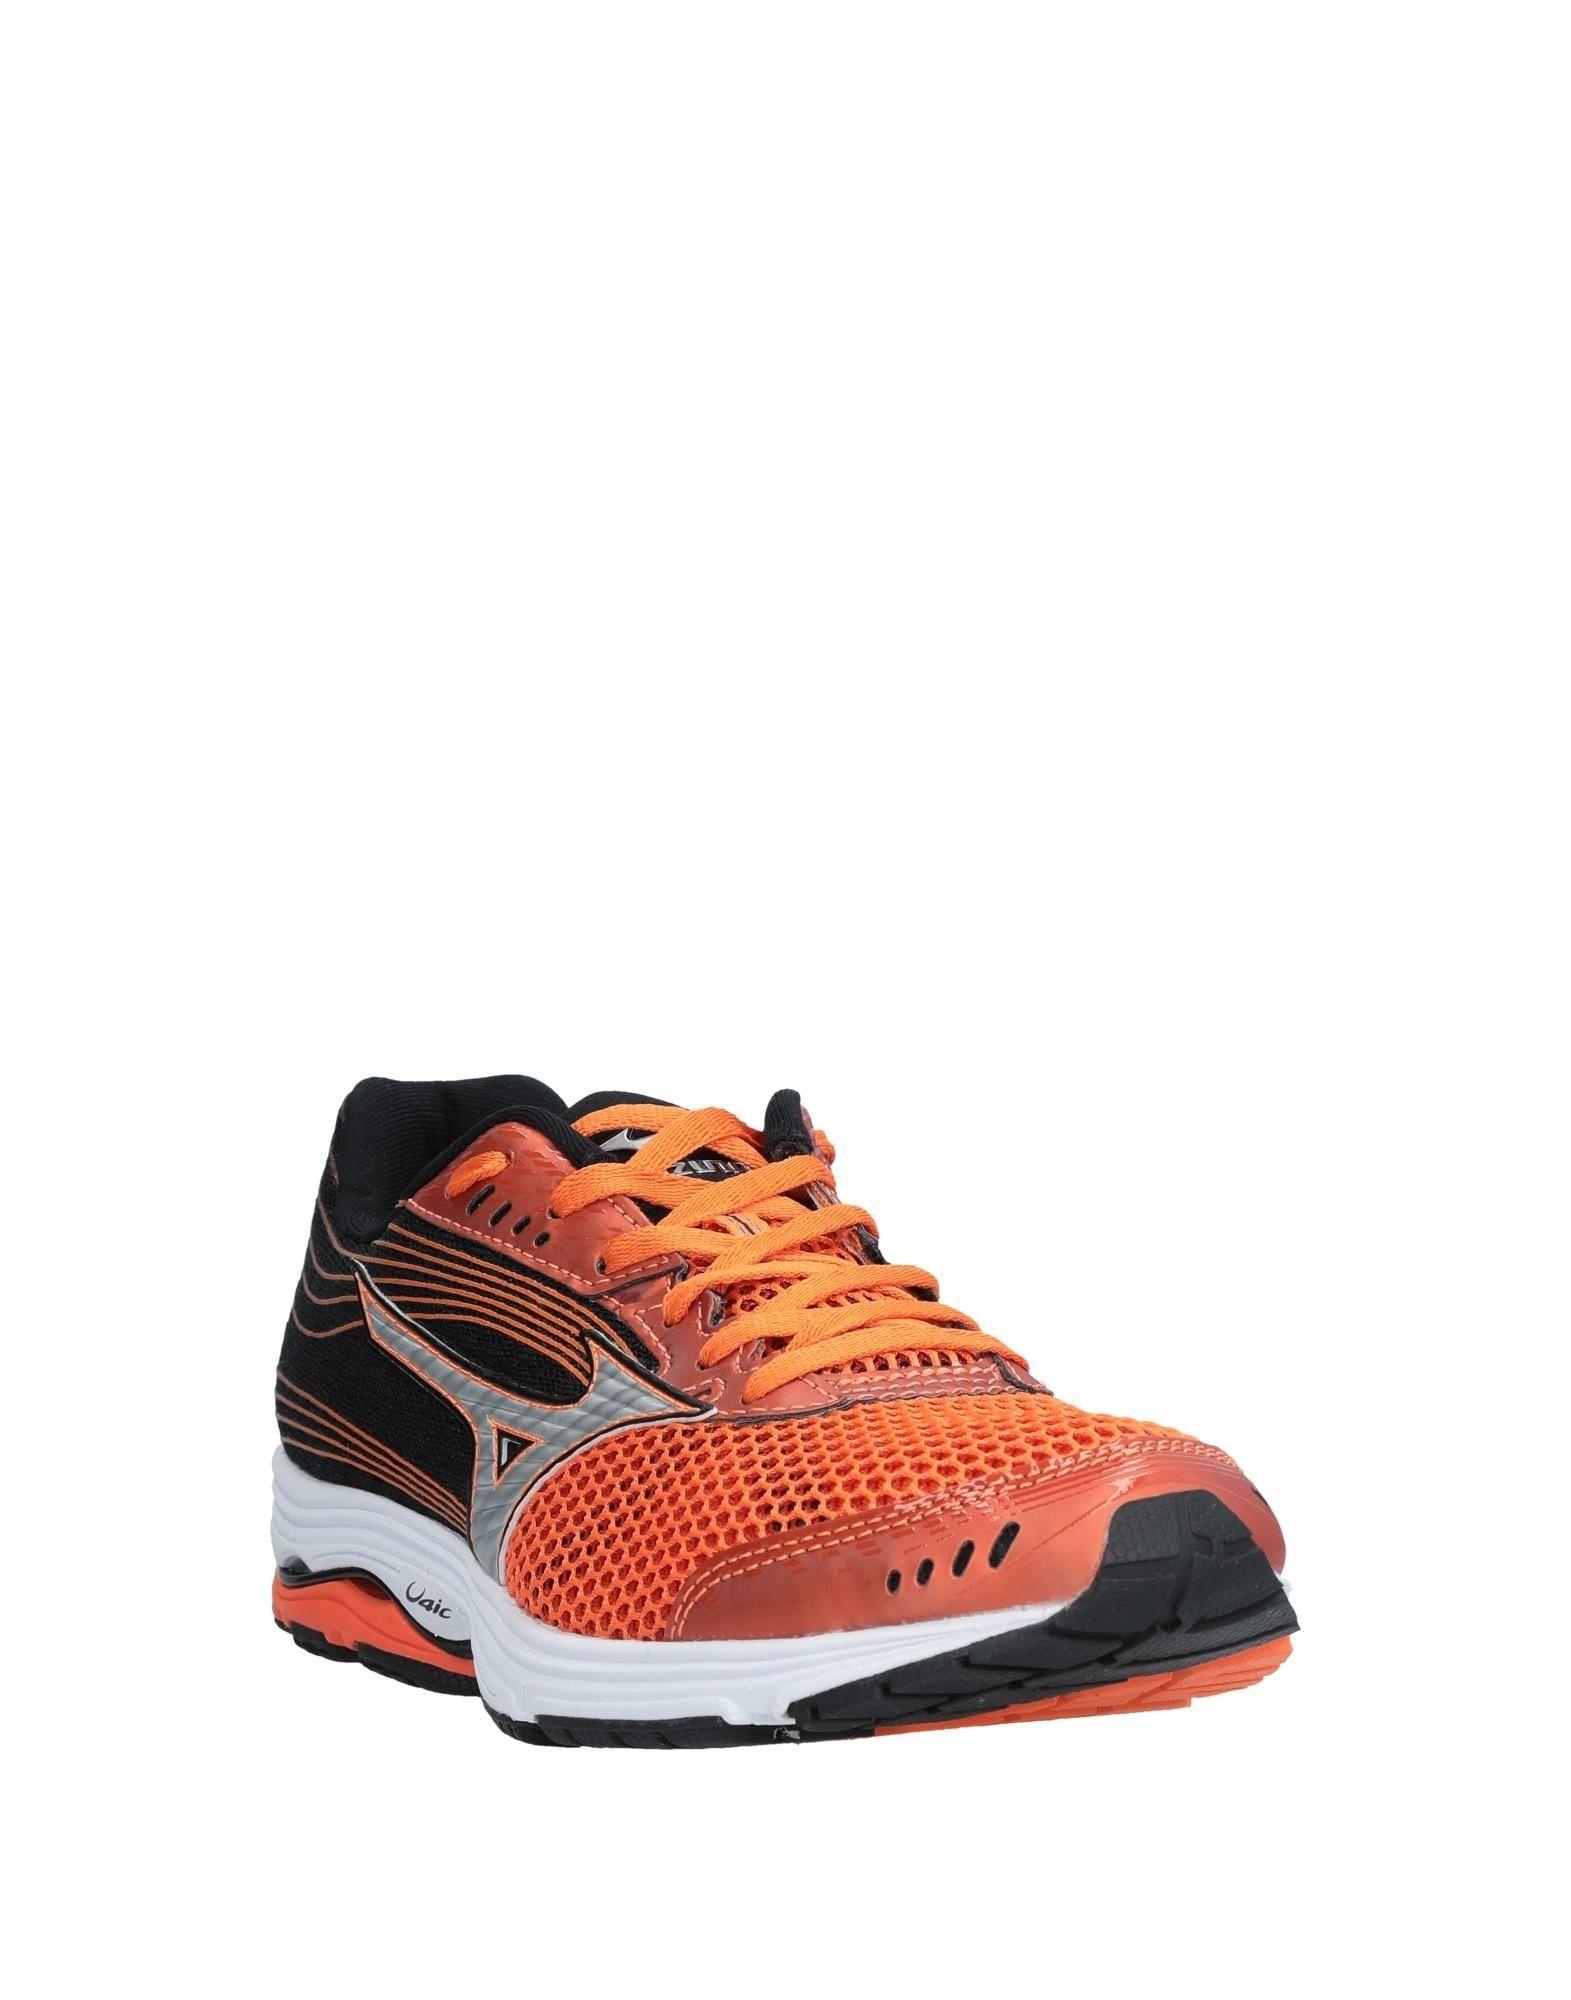 Rabatt Herren echte Schuhe Mizuno Sneakers Herren Rabatt  11330901AM 3efc0a